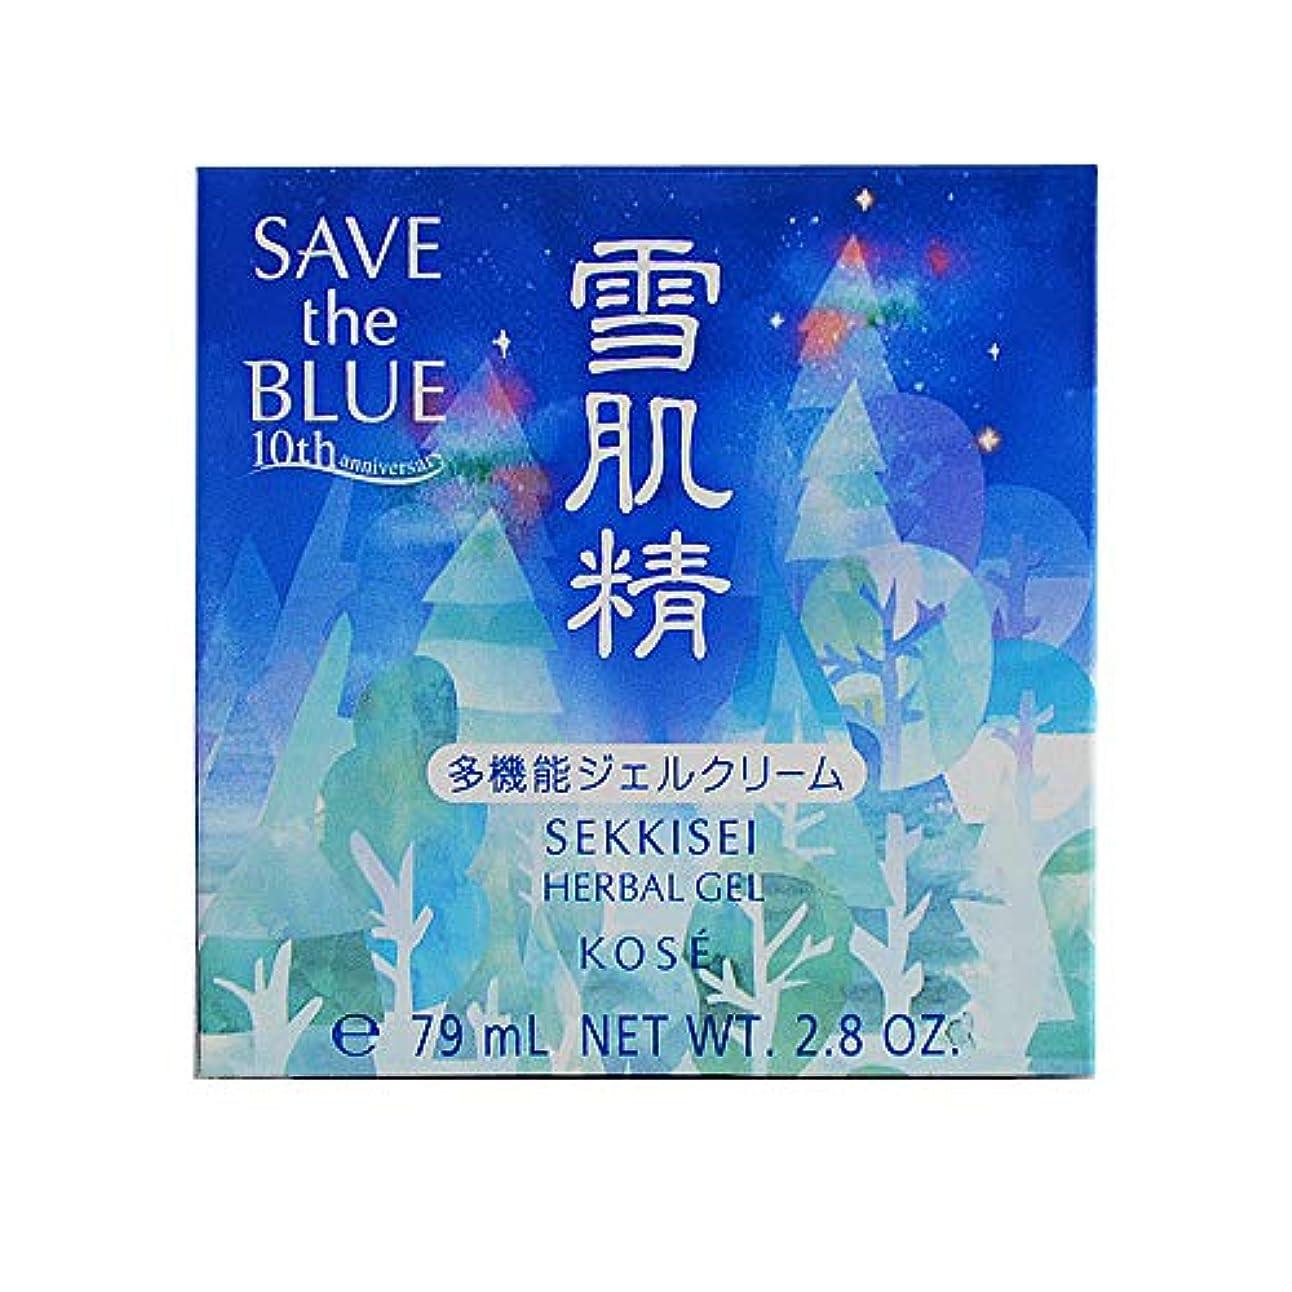 牛麻酔薬請うコーセー 雪肌精 ハーバルジェル 80g (SAVE the BLUE) [ フェイスクリーム ] [並行輸入品]